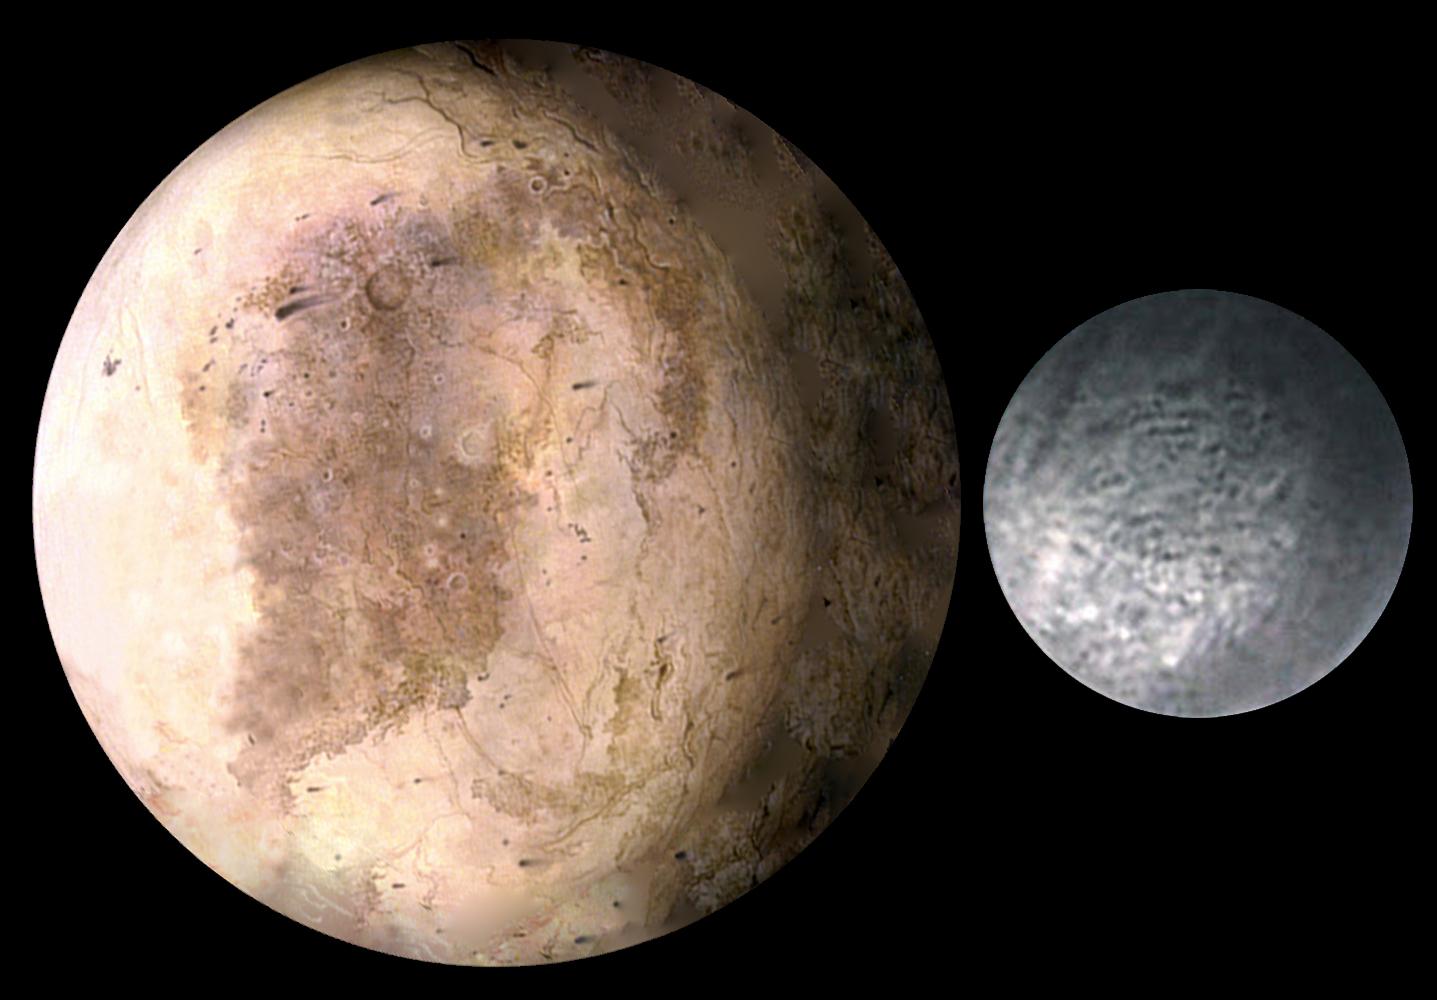 File:Pluto & Charon Comparison.jpg - Wikimedia Commons